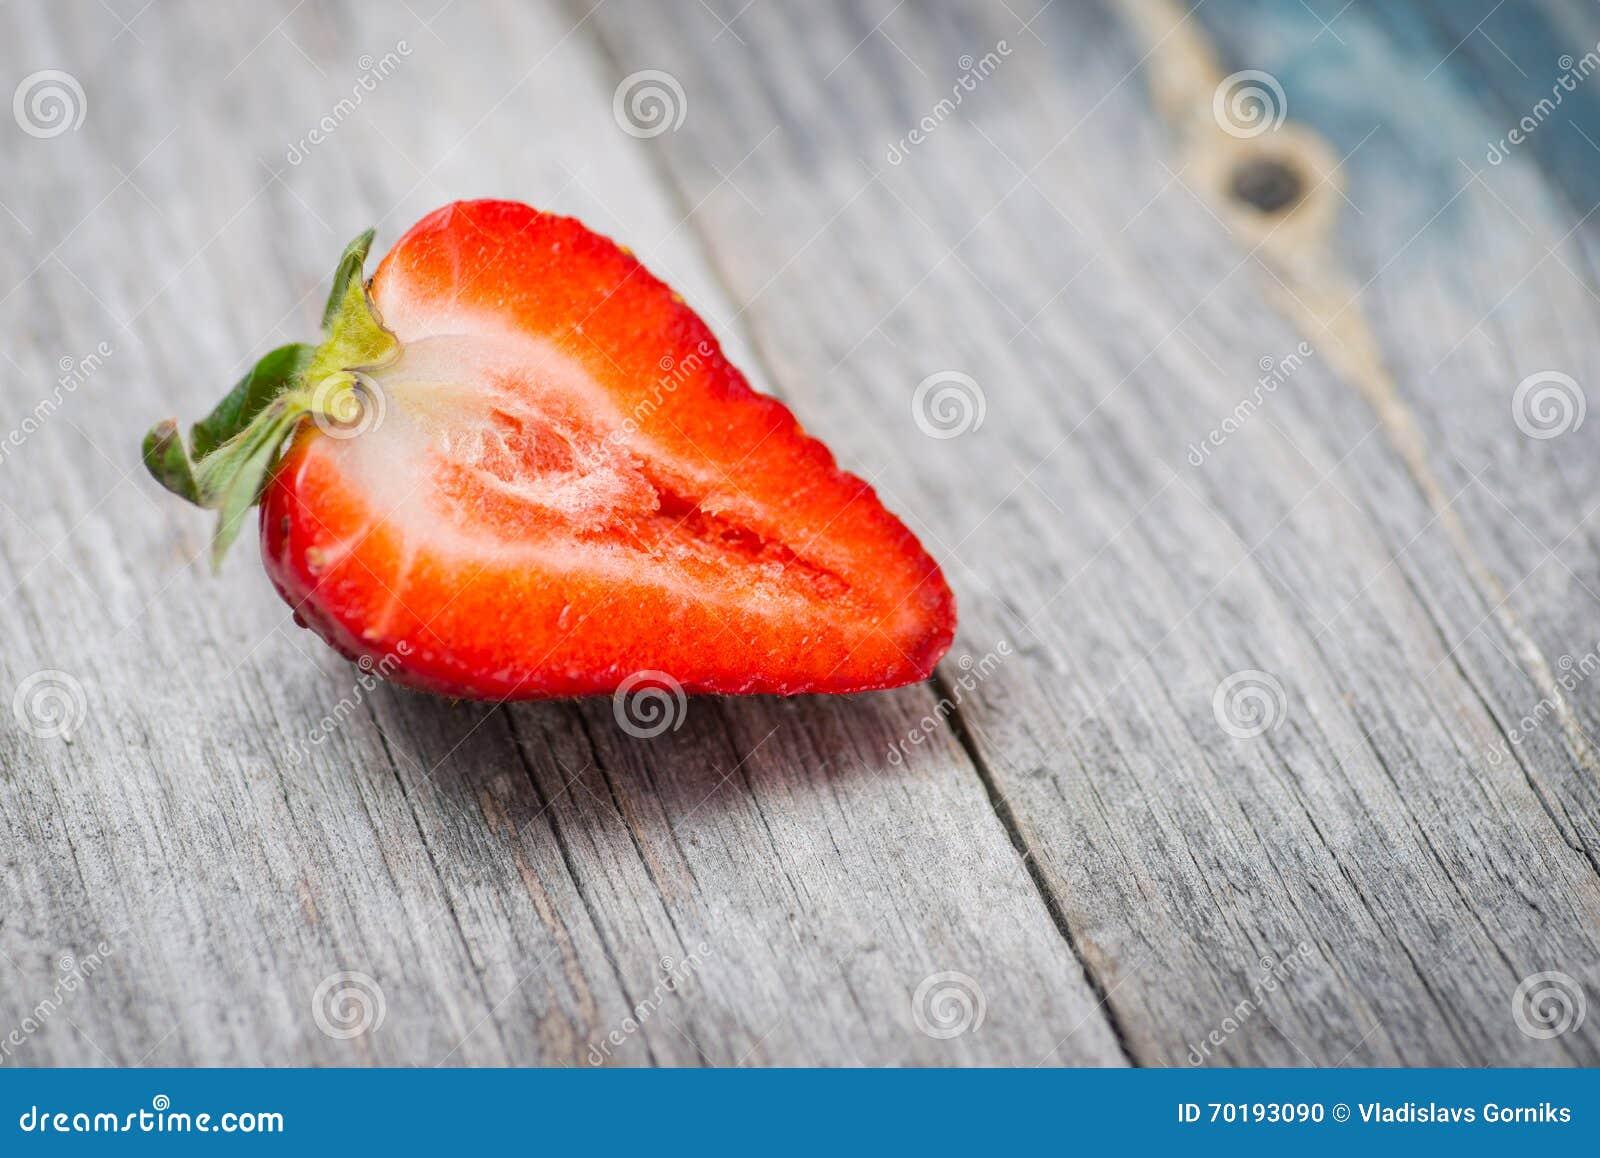 Ny och söt naturlig jordgubbe på en trätabell